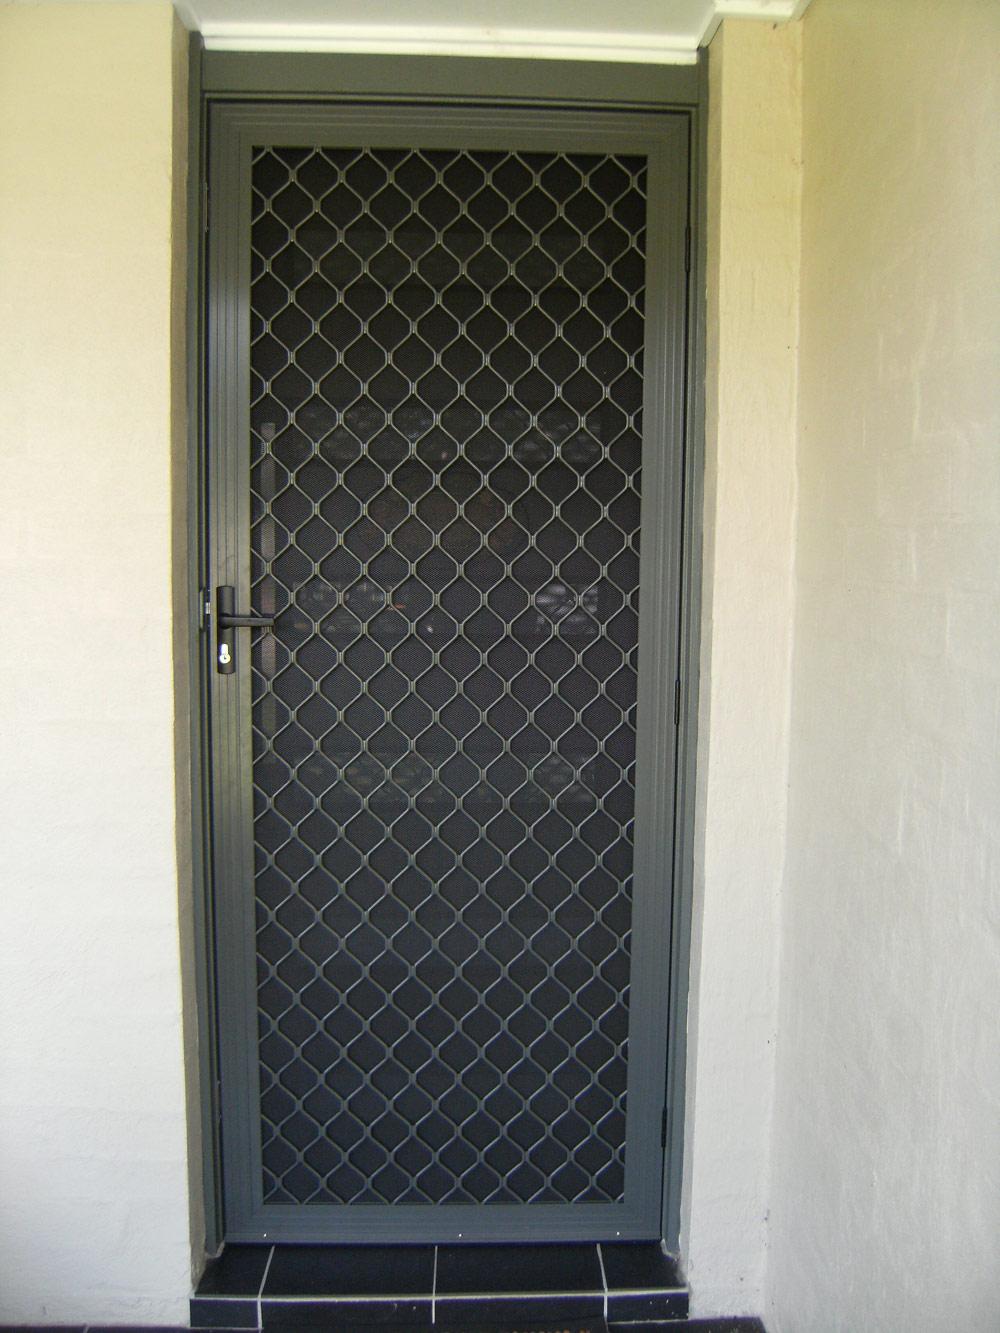 screens screen doors prestige home solutions. Black Bedroom Furniture Sets. Home Design Ideas